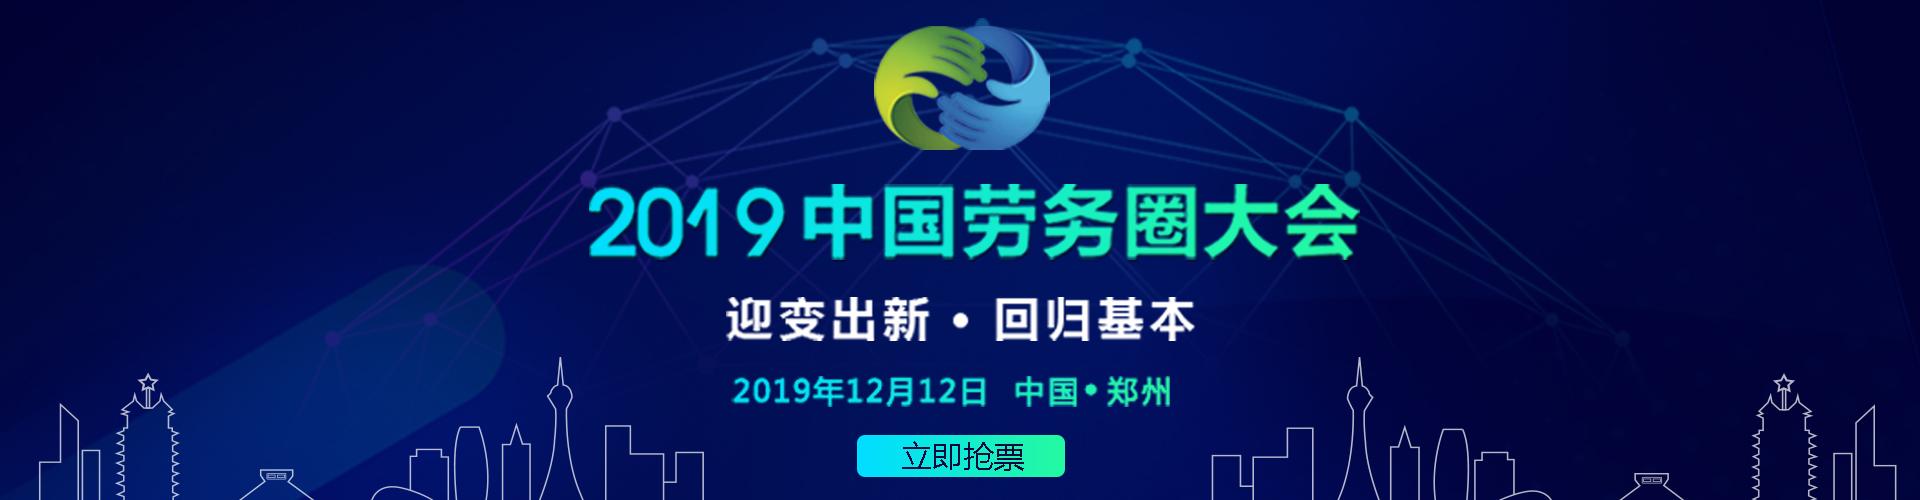 邀请函-【2019中国劳务圈大会】火热报名中